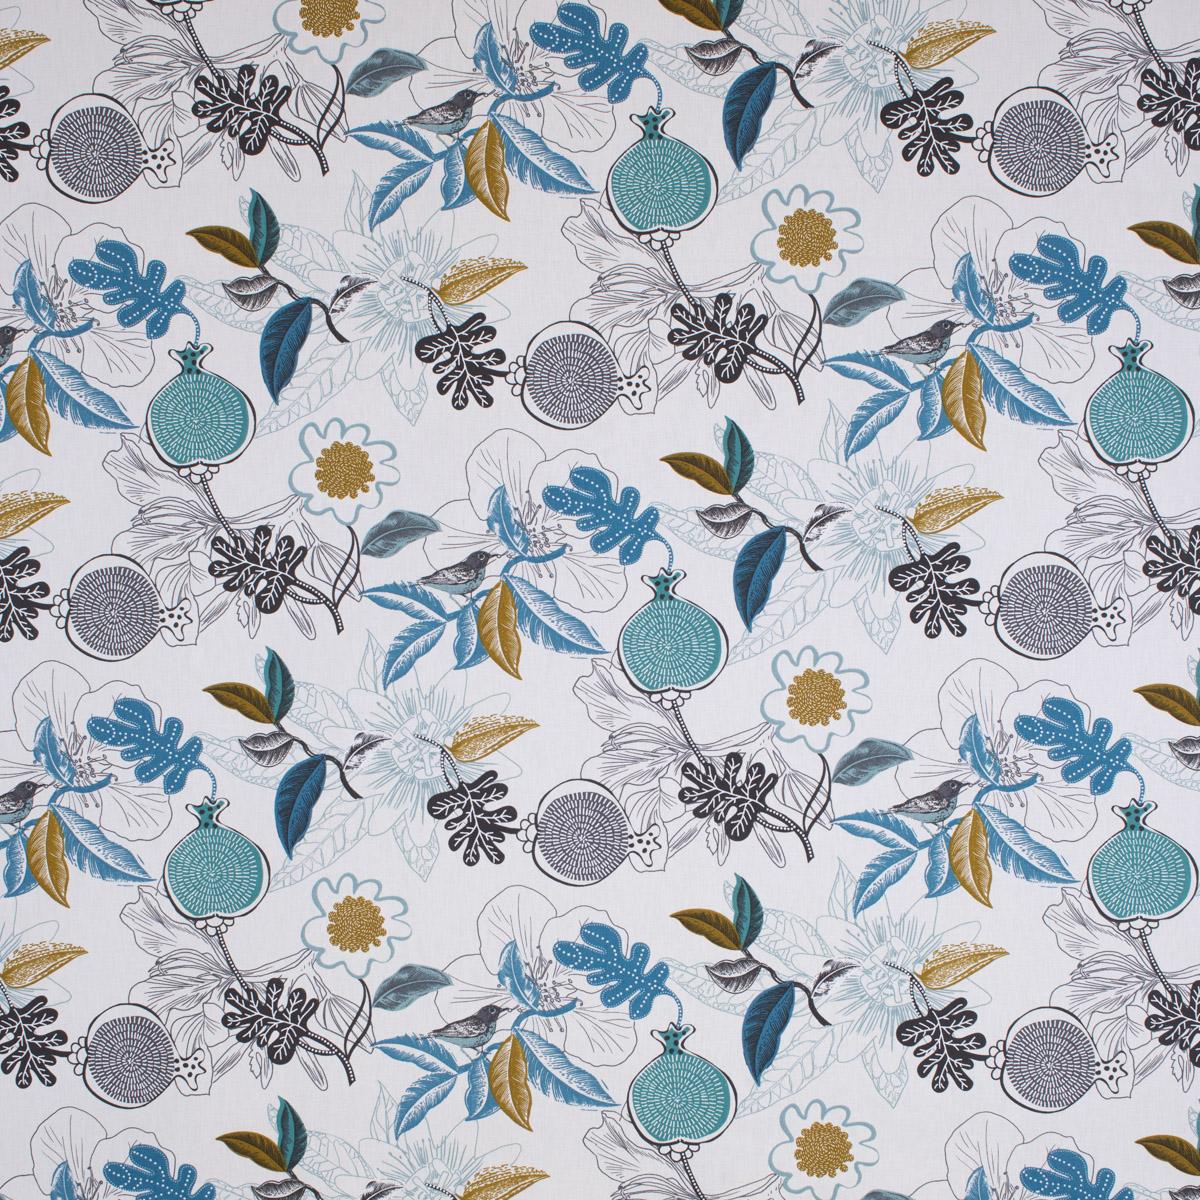 a105b75b4a43d Dekostoff Baumwolle DIVALI Blumen Blüten Blätter Vogel weiß blau khaki grün  schwarz 1